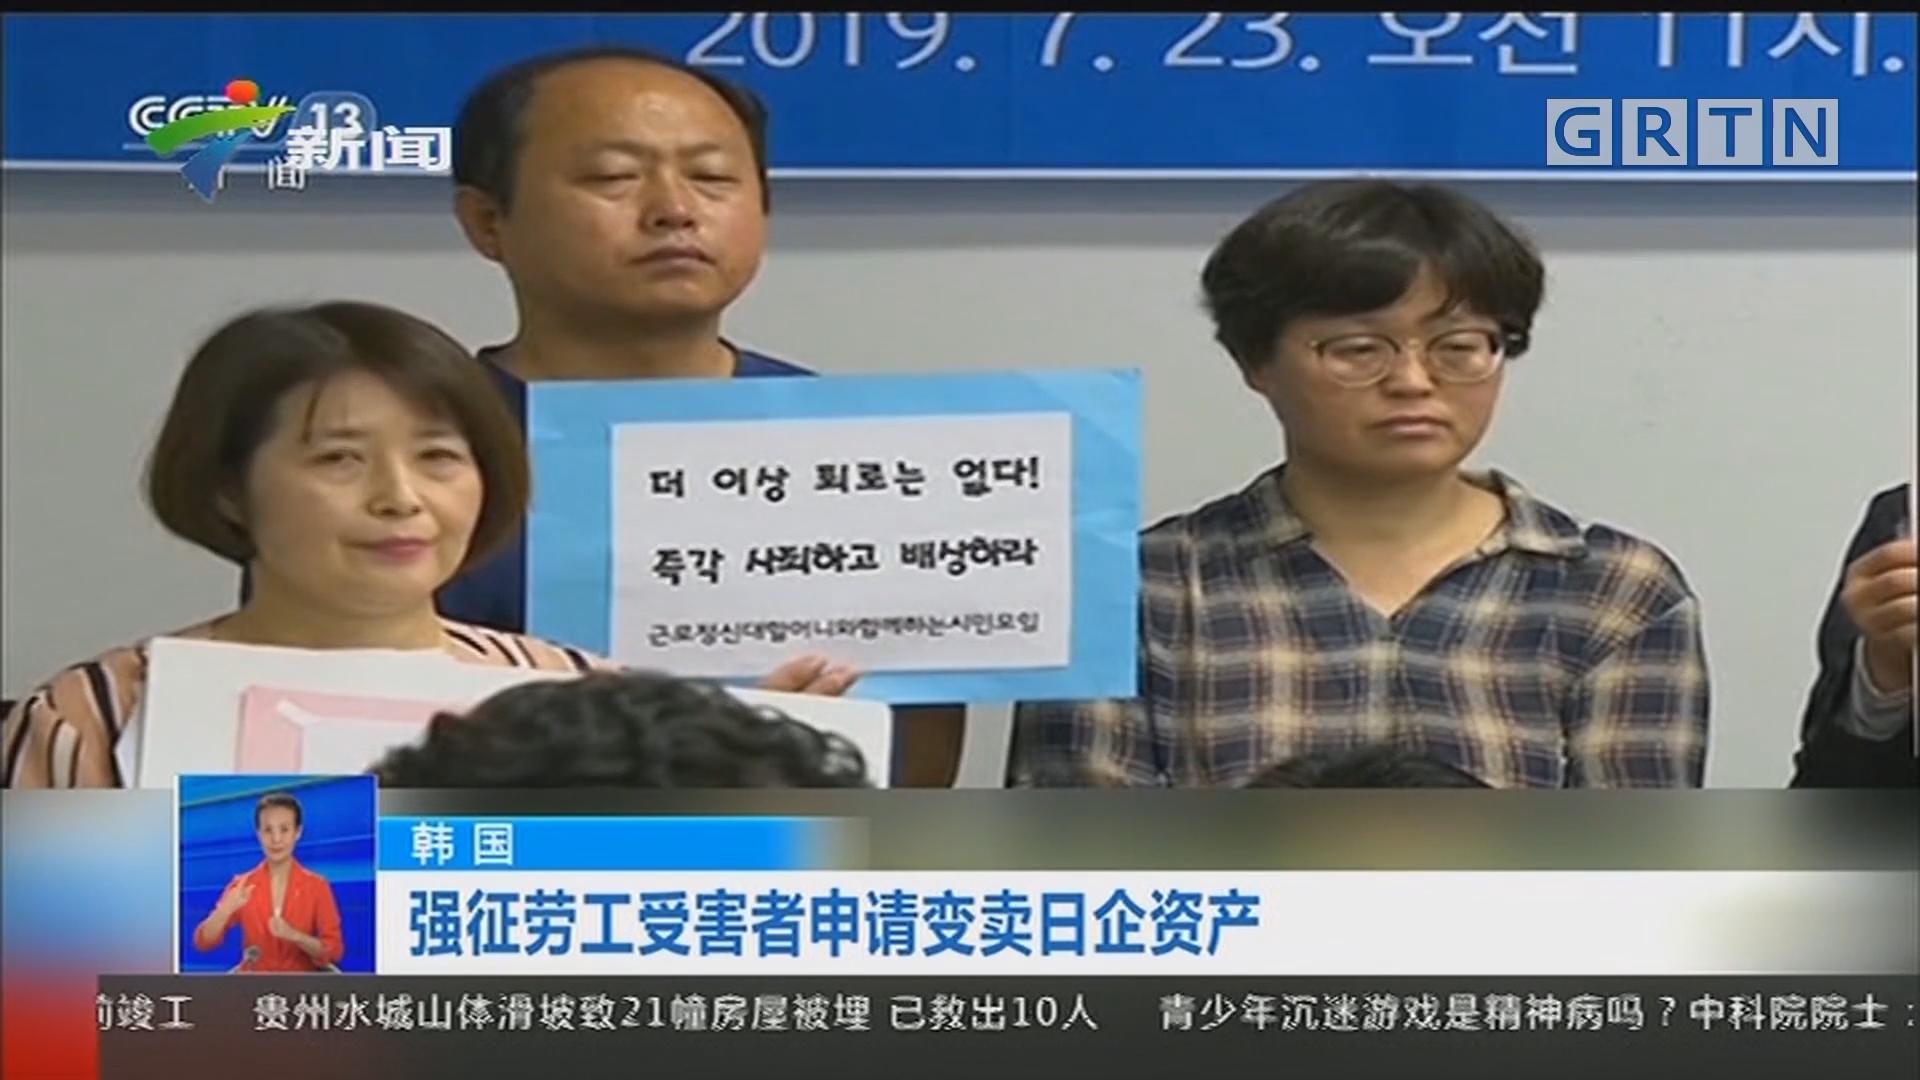 韩国:强征劳工受害者申请变卖日企资产